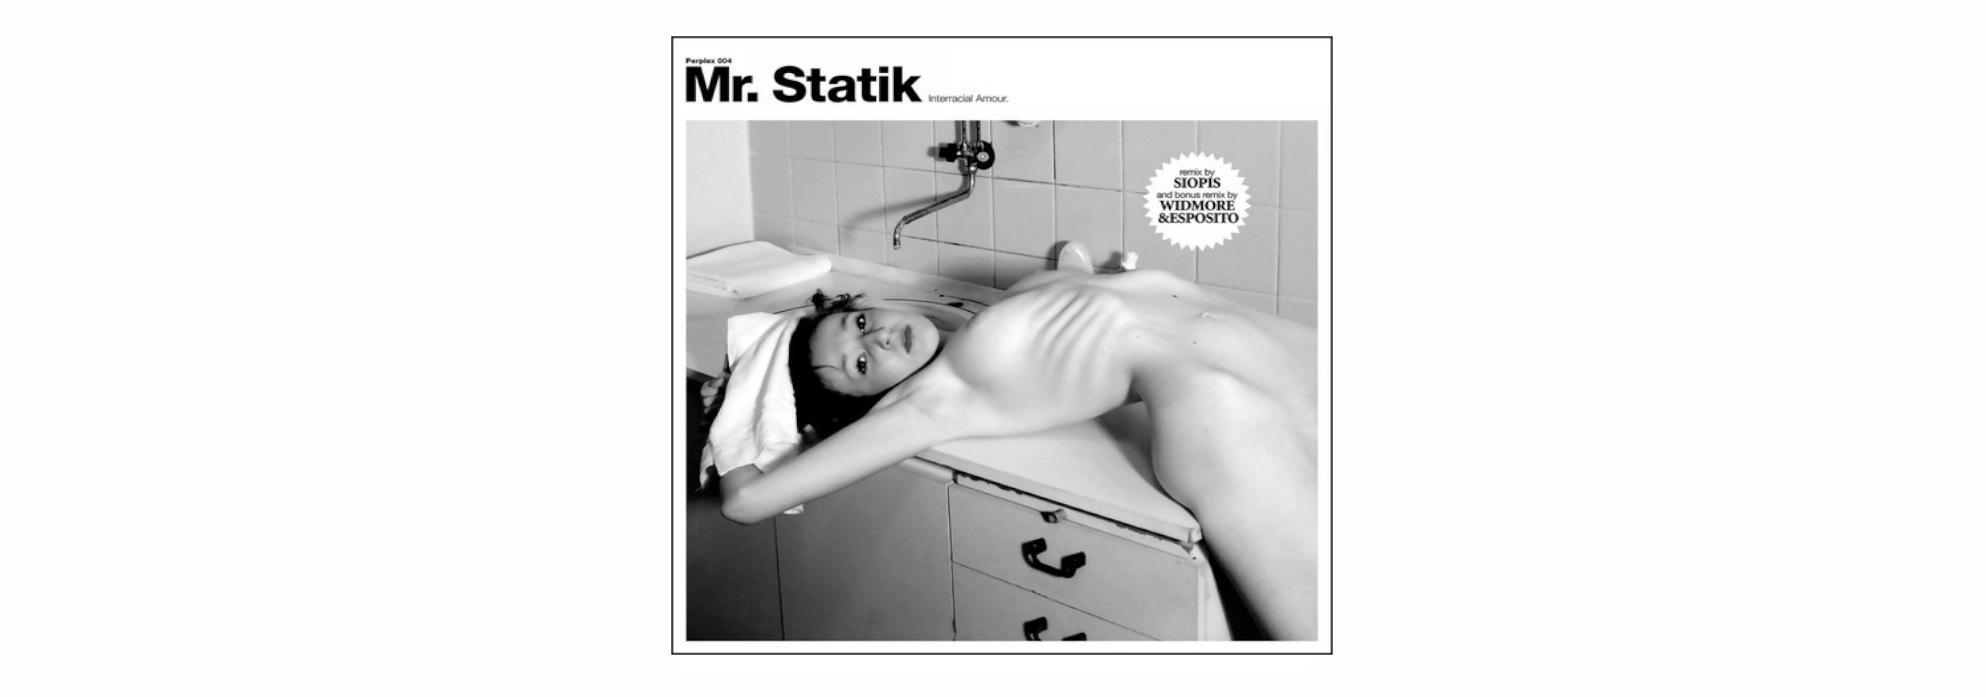 perplex recordings mr statik